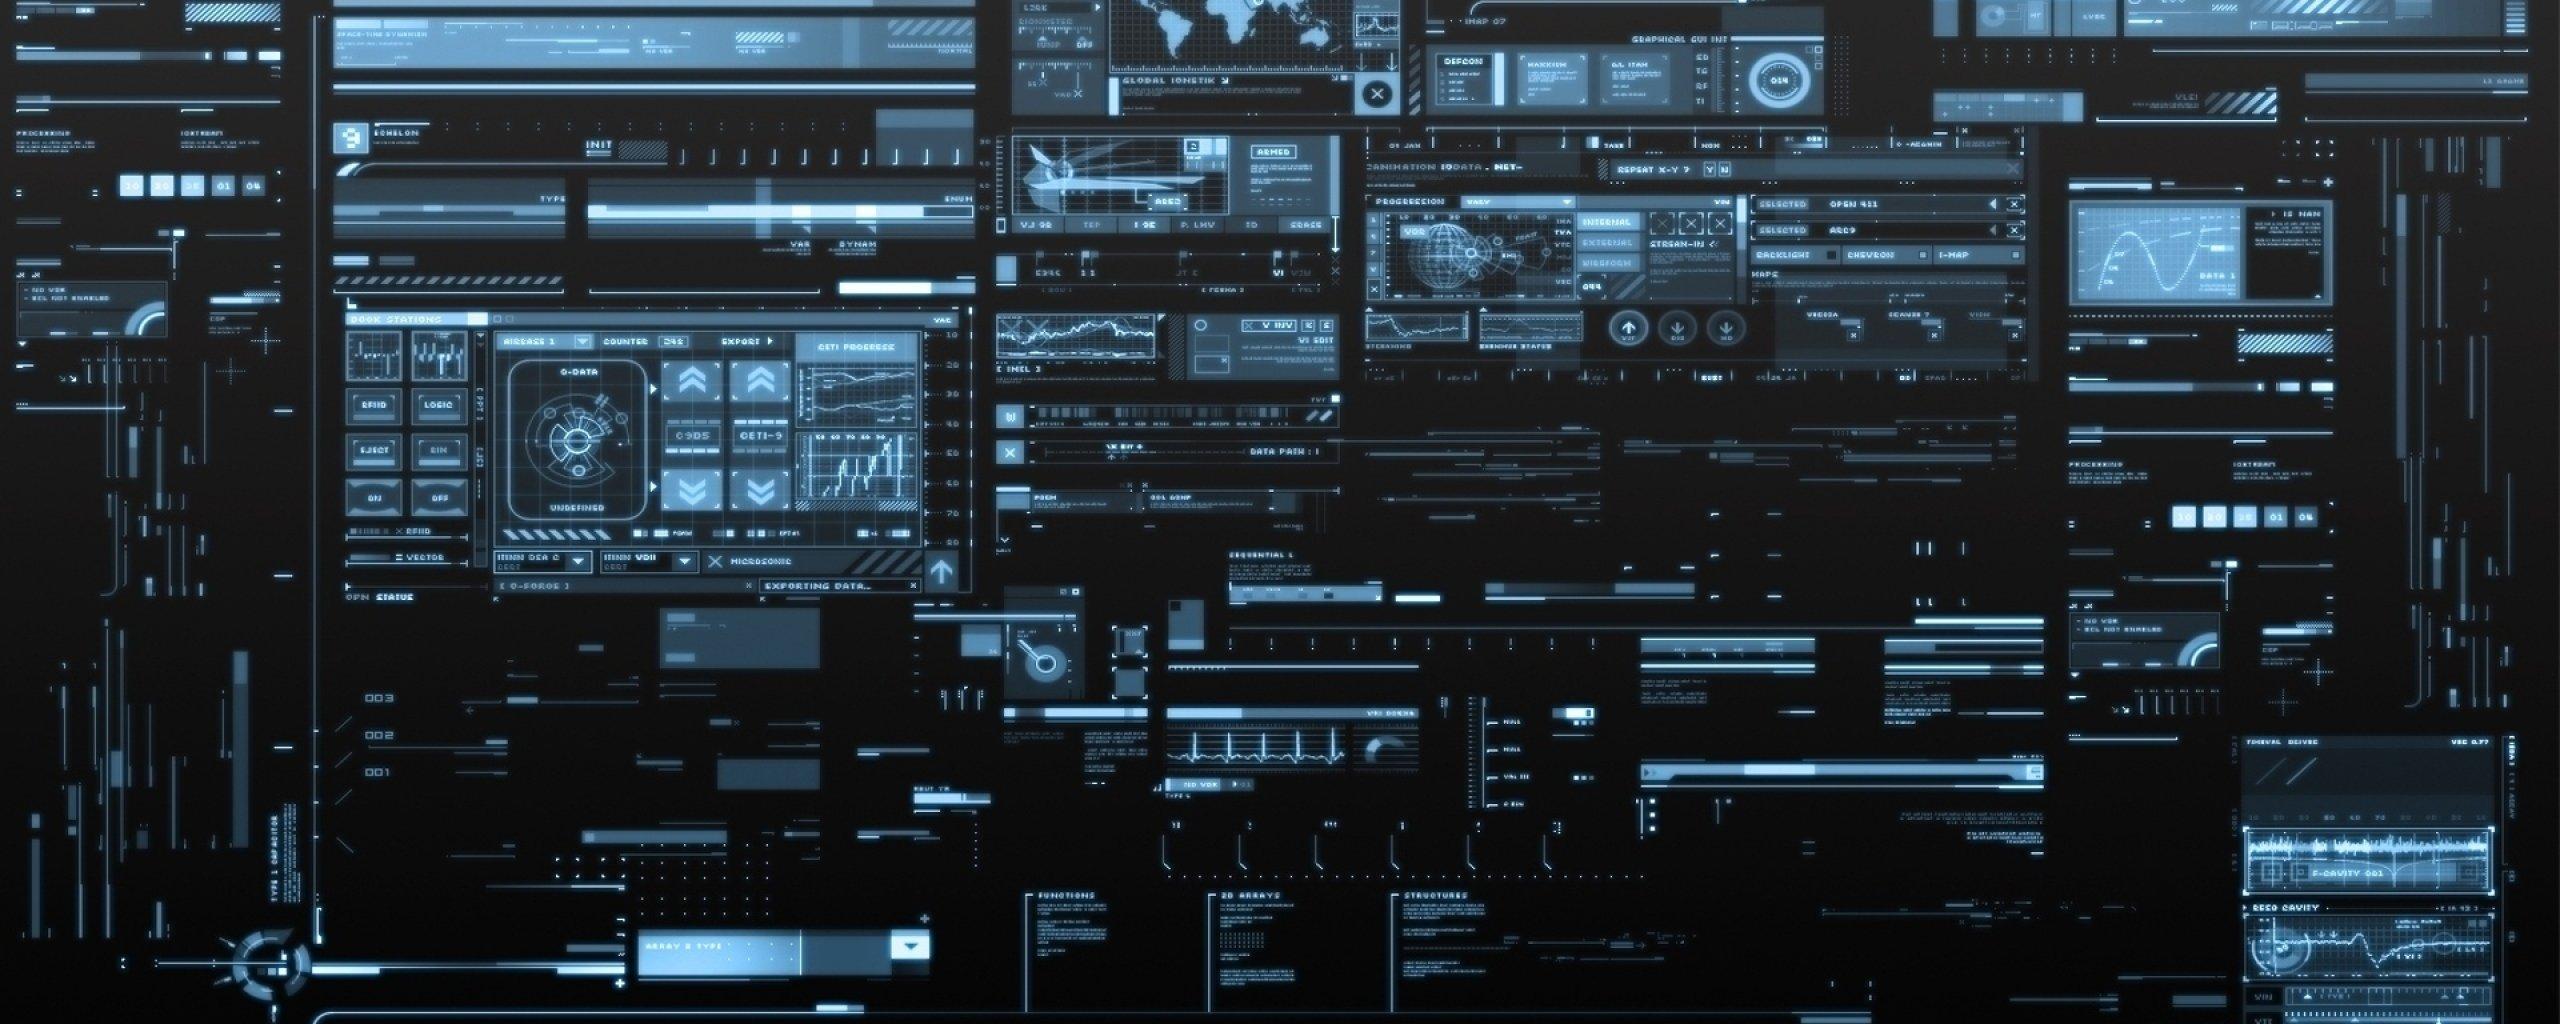 Multi monitor dual screen widescreen wallpaper 2560x1024 830231 2560x1024